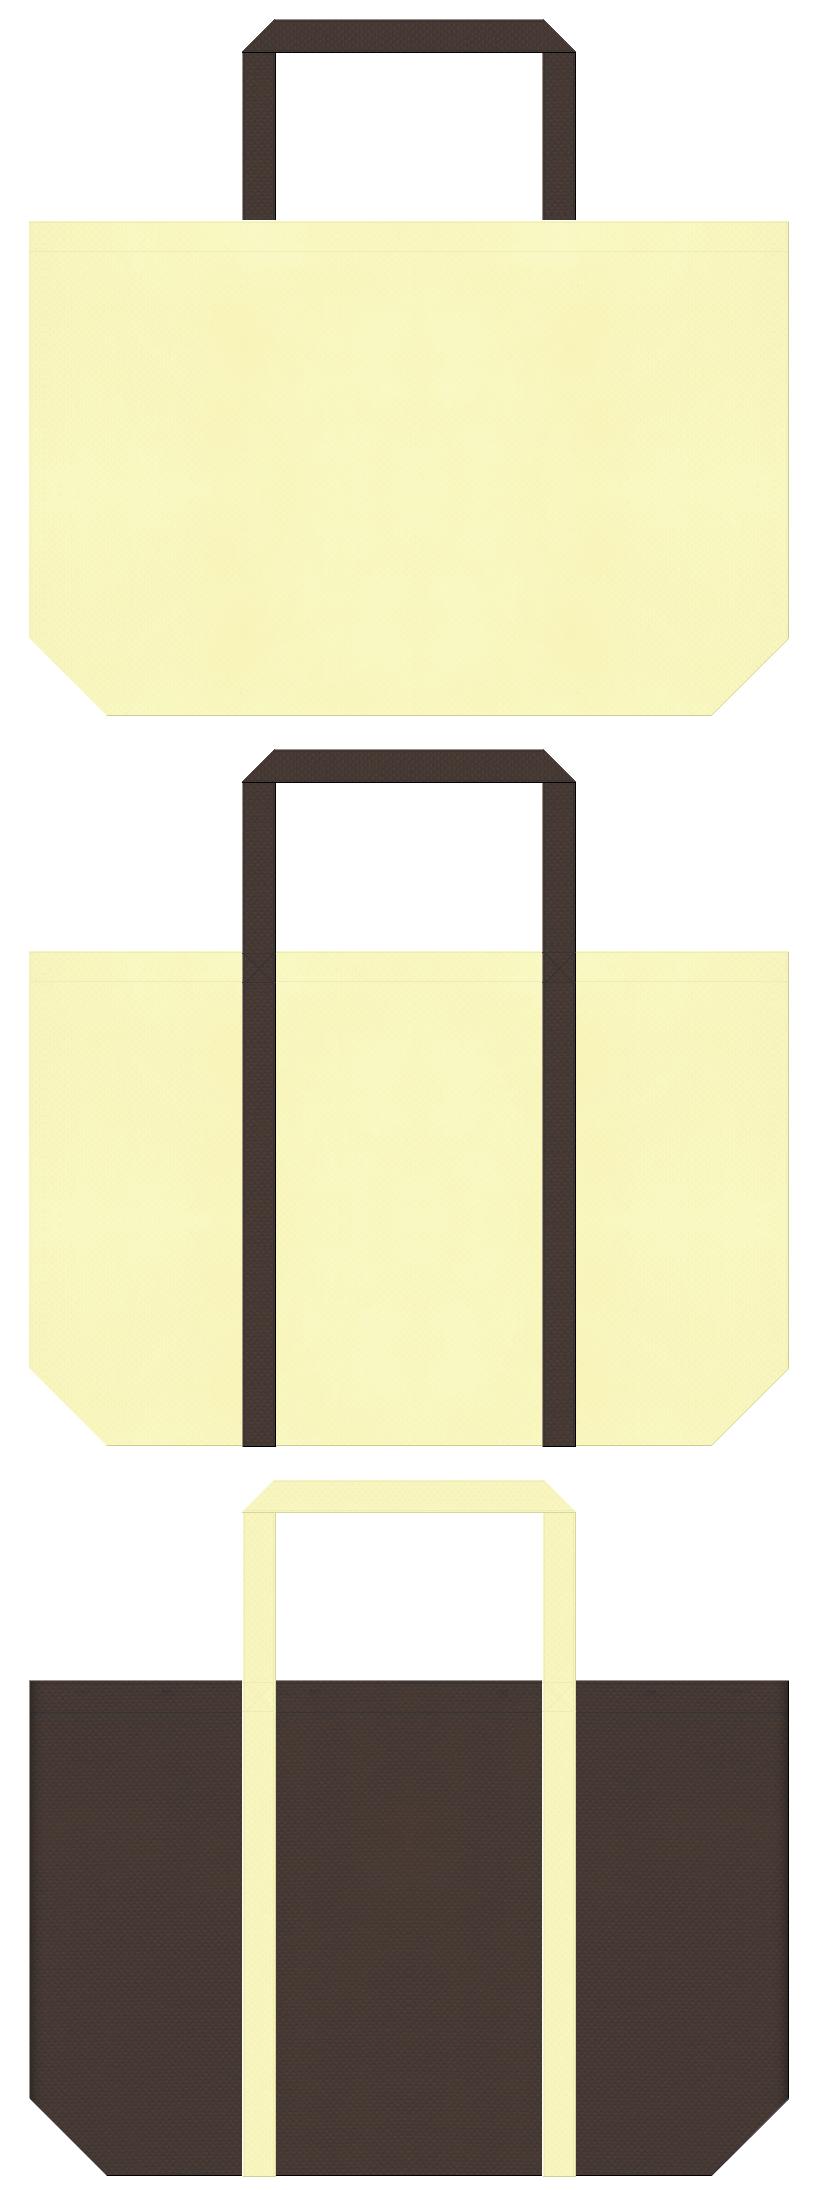 お月見・麦藁帽子・チーズ・おつまみ・マーガリン・チョコクッキー・チョコバナナ・チョコクレープ・石窯パン・クリームパン・カフェ・スイーツ・ベーカリー和菓子にお奨めの不織布バッグデザイン:薄黄色とこげ茶色のコーデ